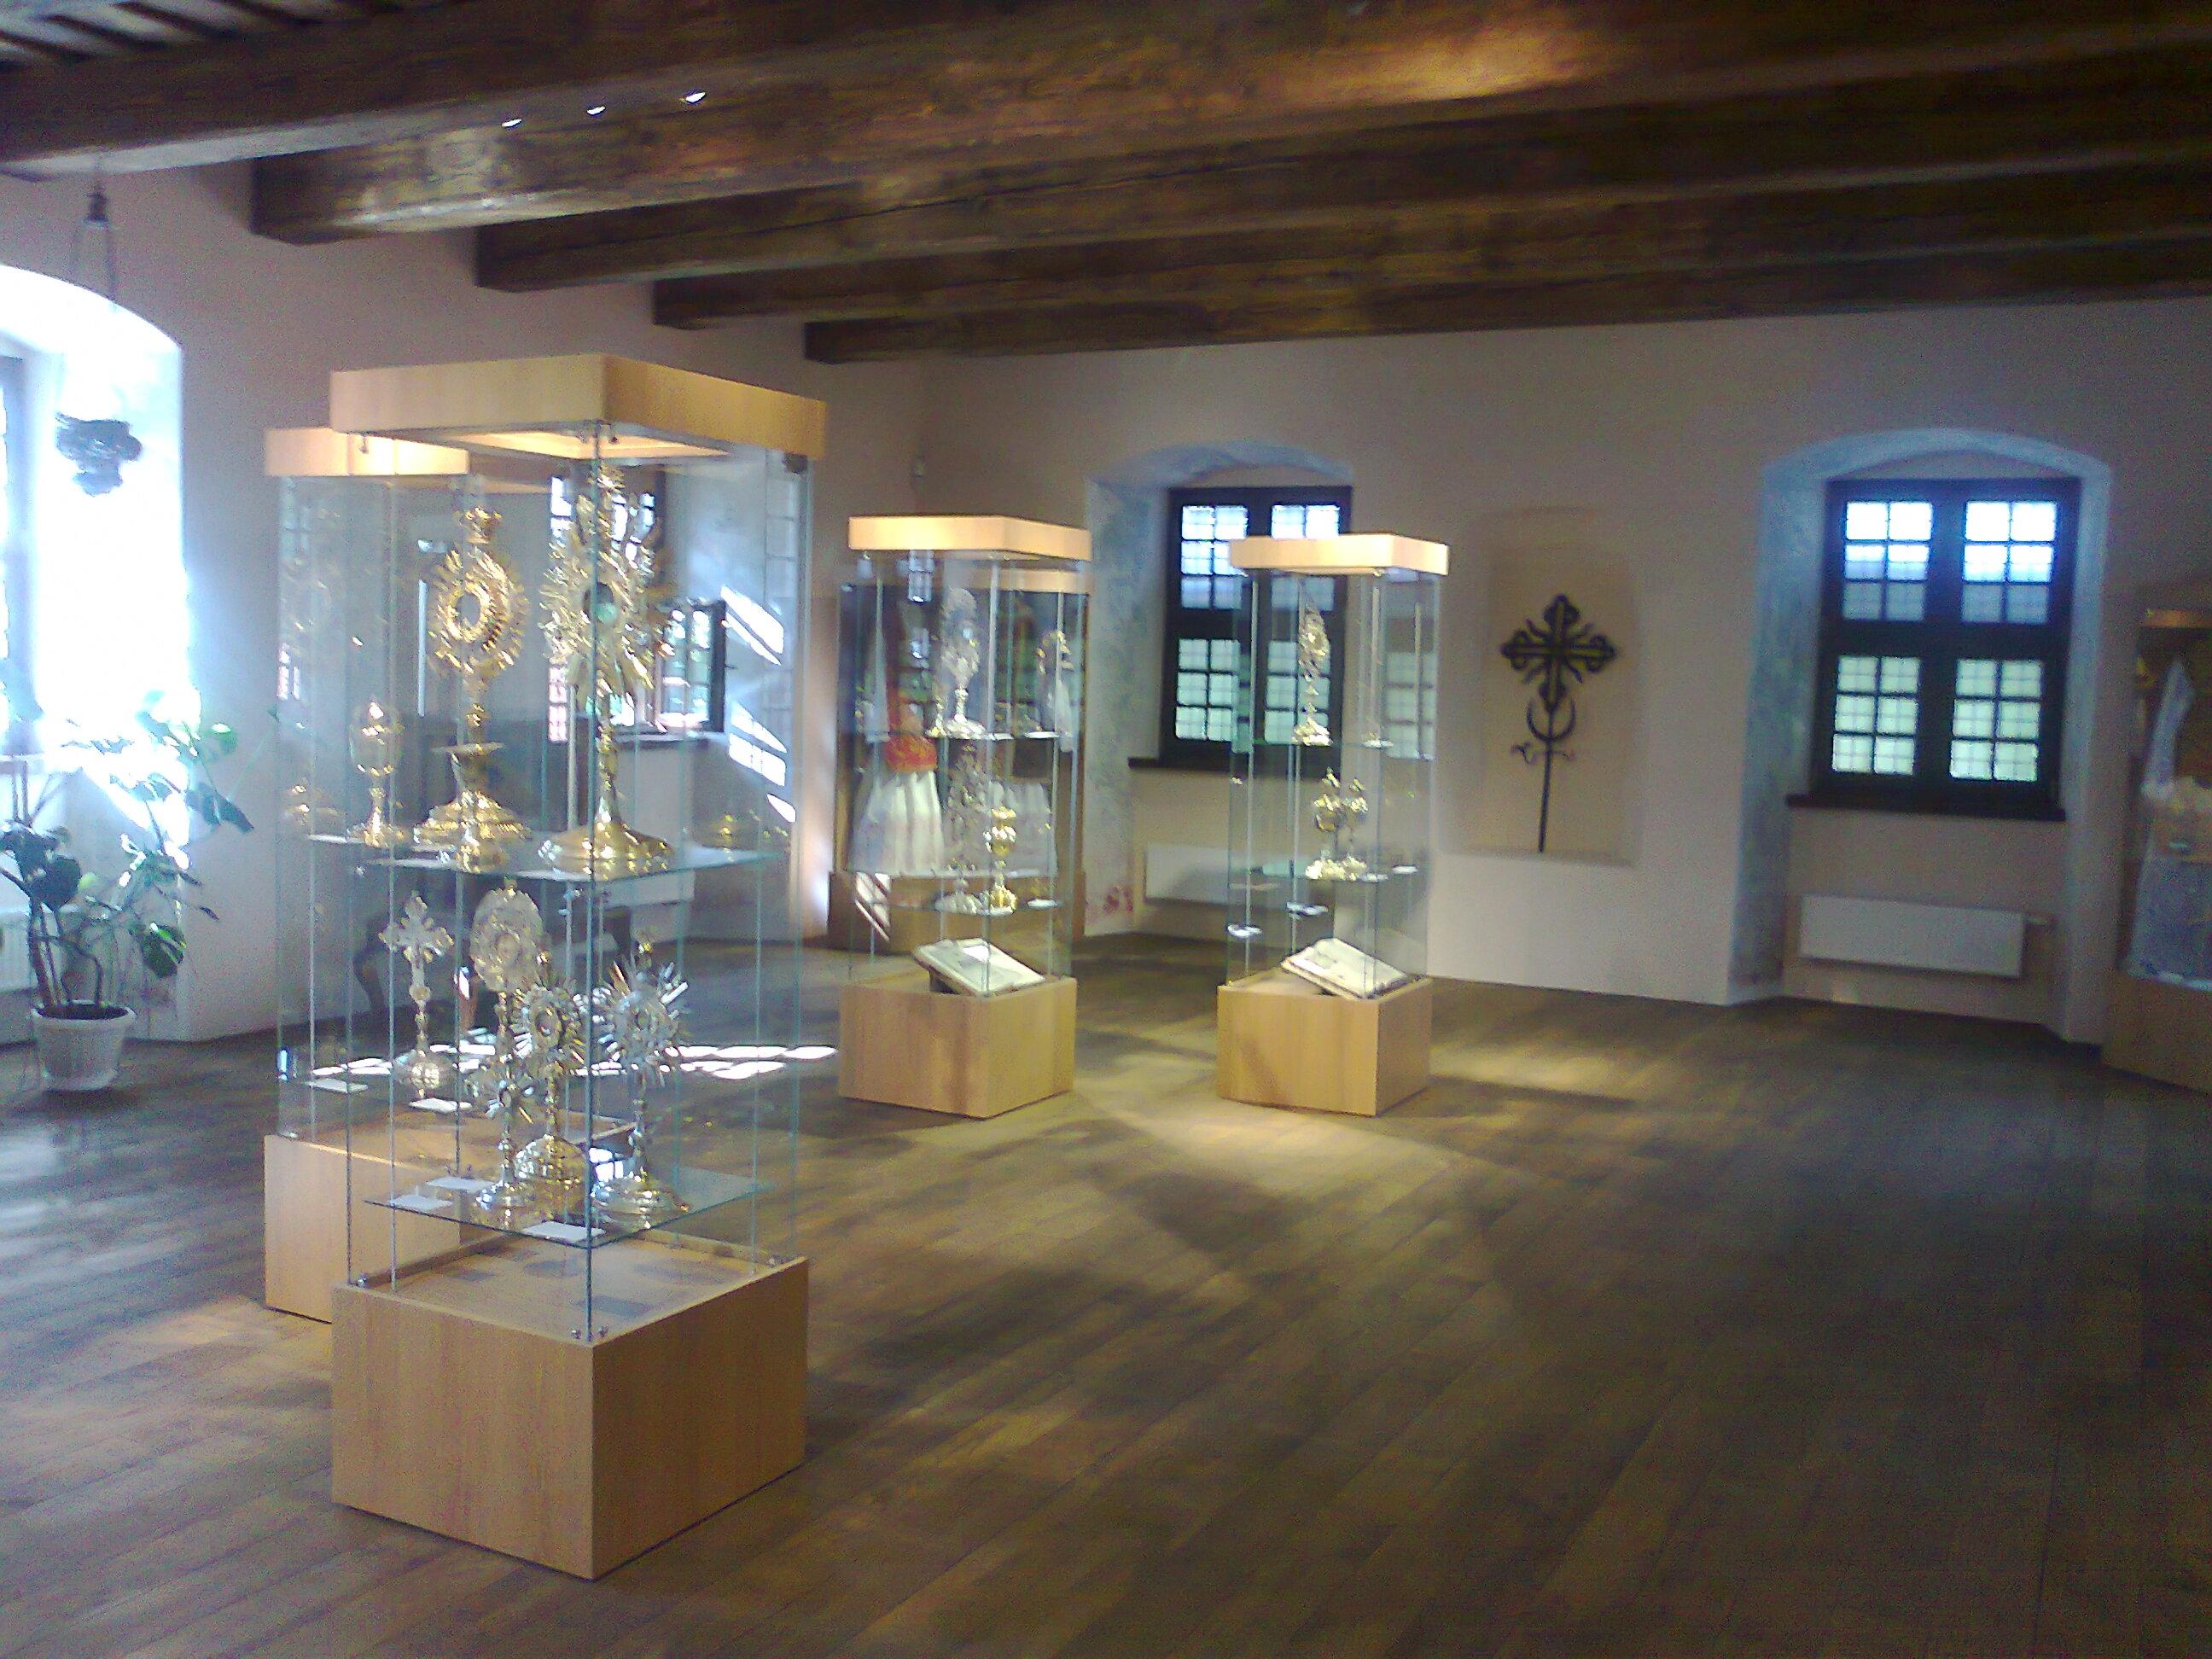 Bendras salės vaizdas - medinės grindys, medinės lubos, kuklūs baldai ir neįkainojami eksponatai